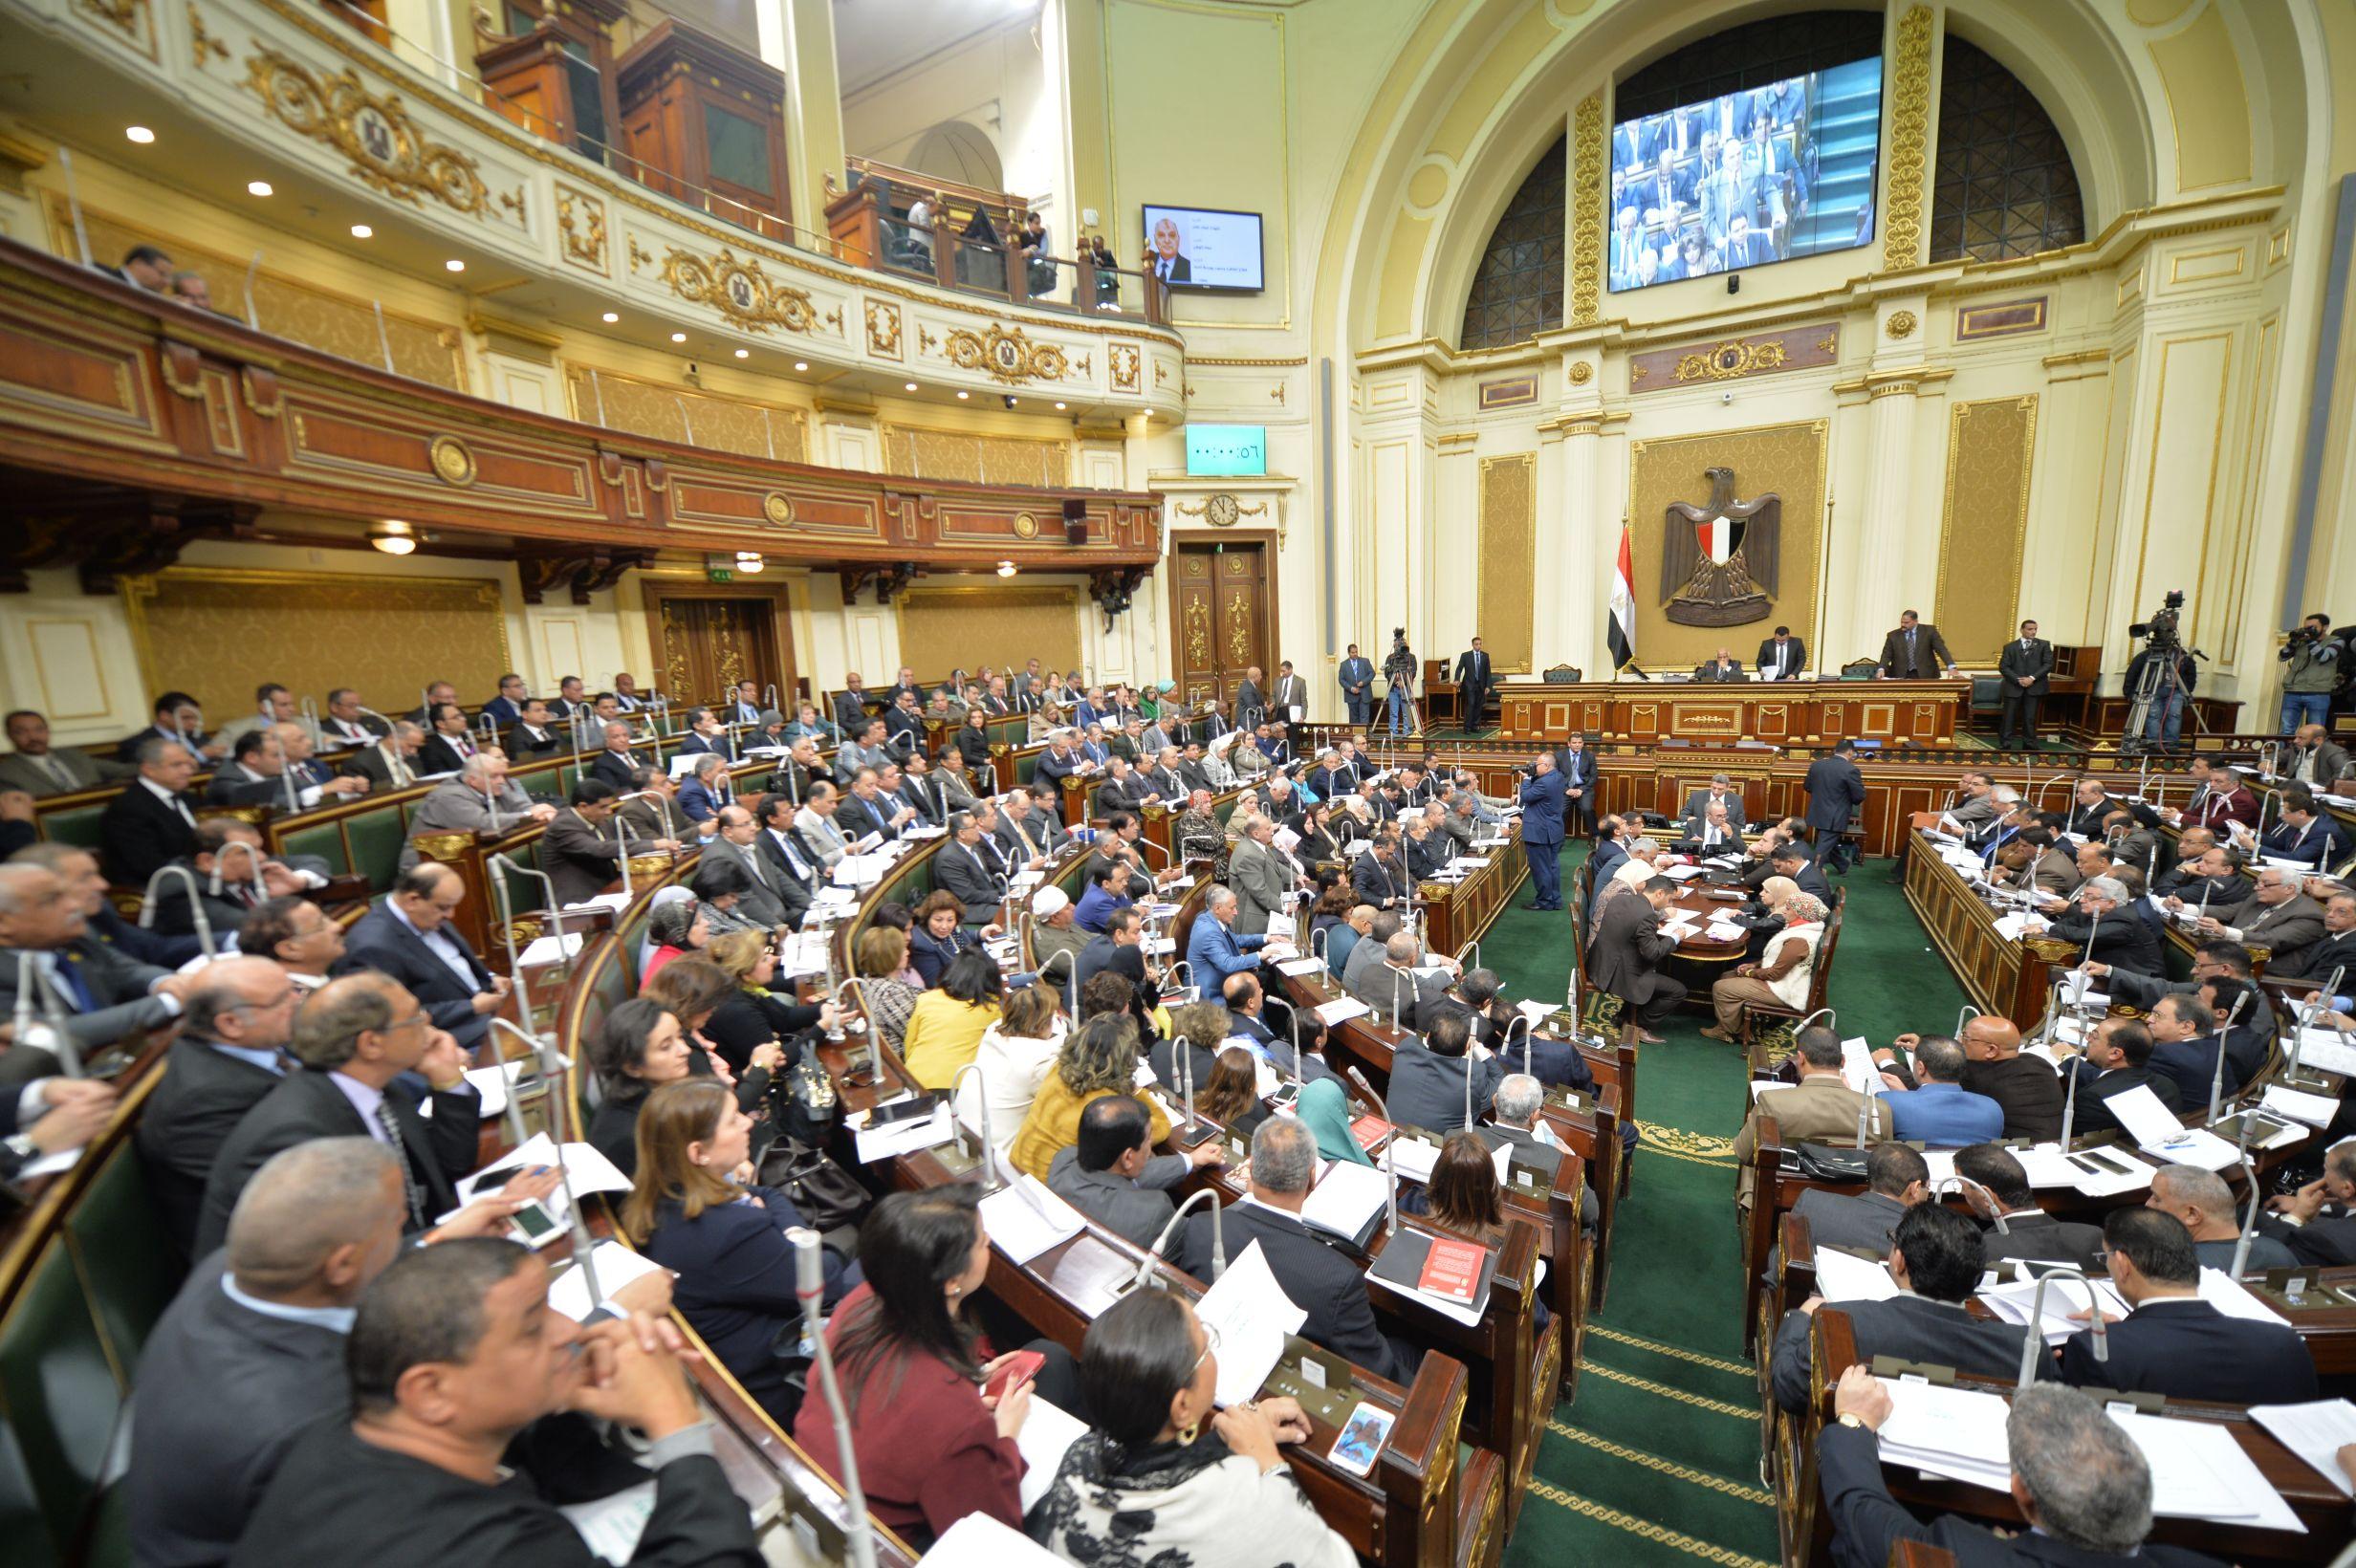 البرلمان يوافق من حيث المبدأ على قانون حماية البيانات الشخصية